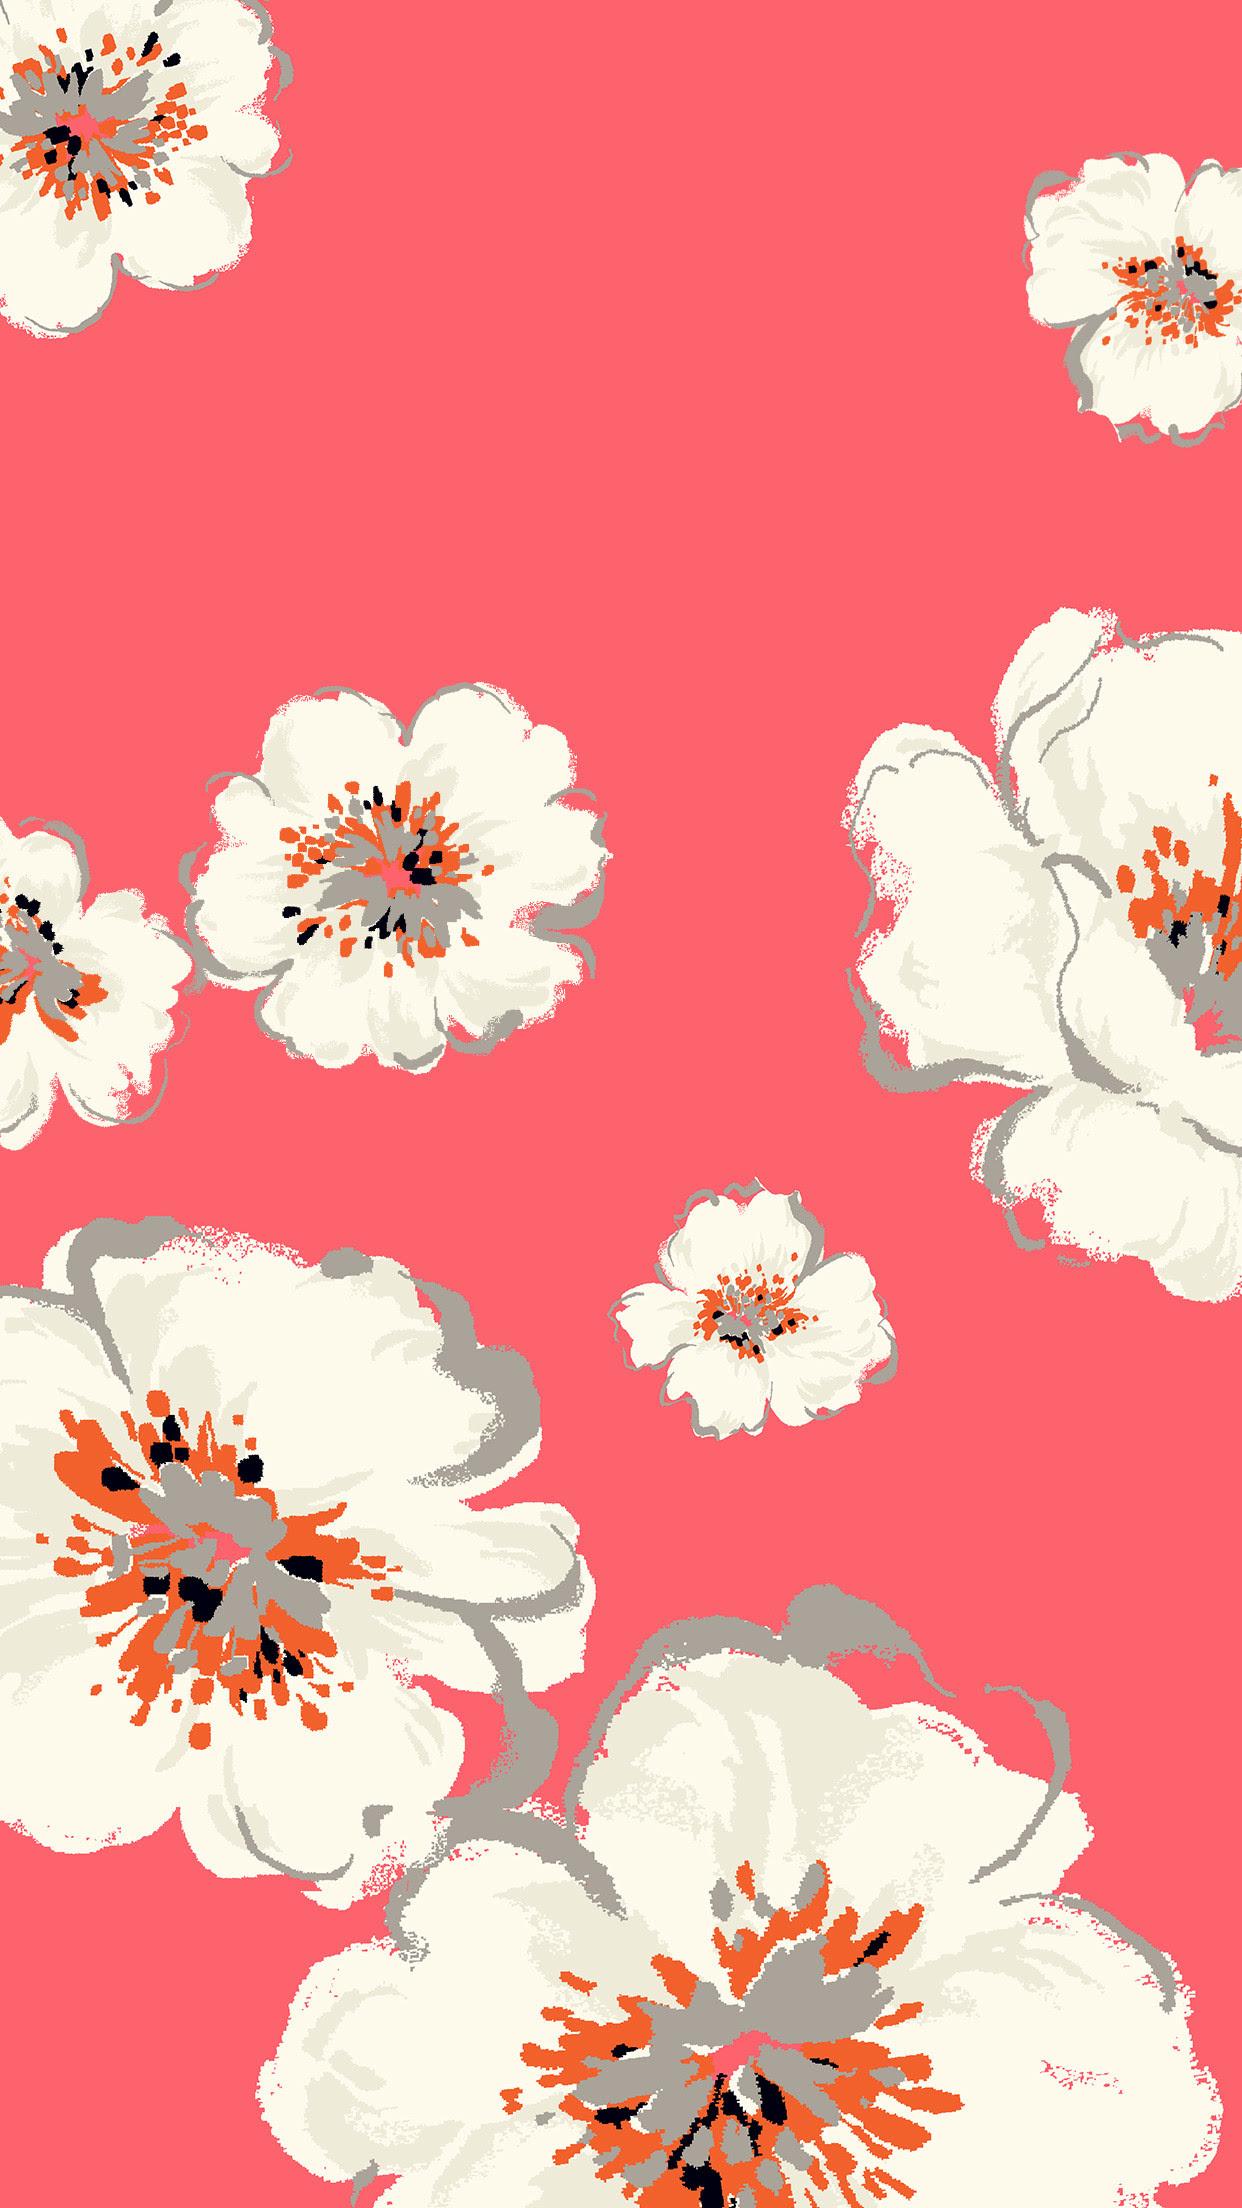 Download 5500 Wallpaper Iphone Yang Cute HD Terbaik